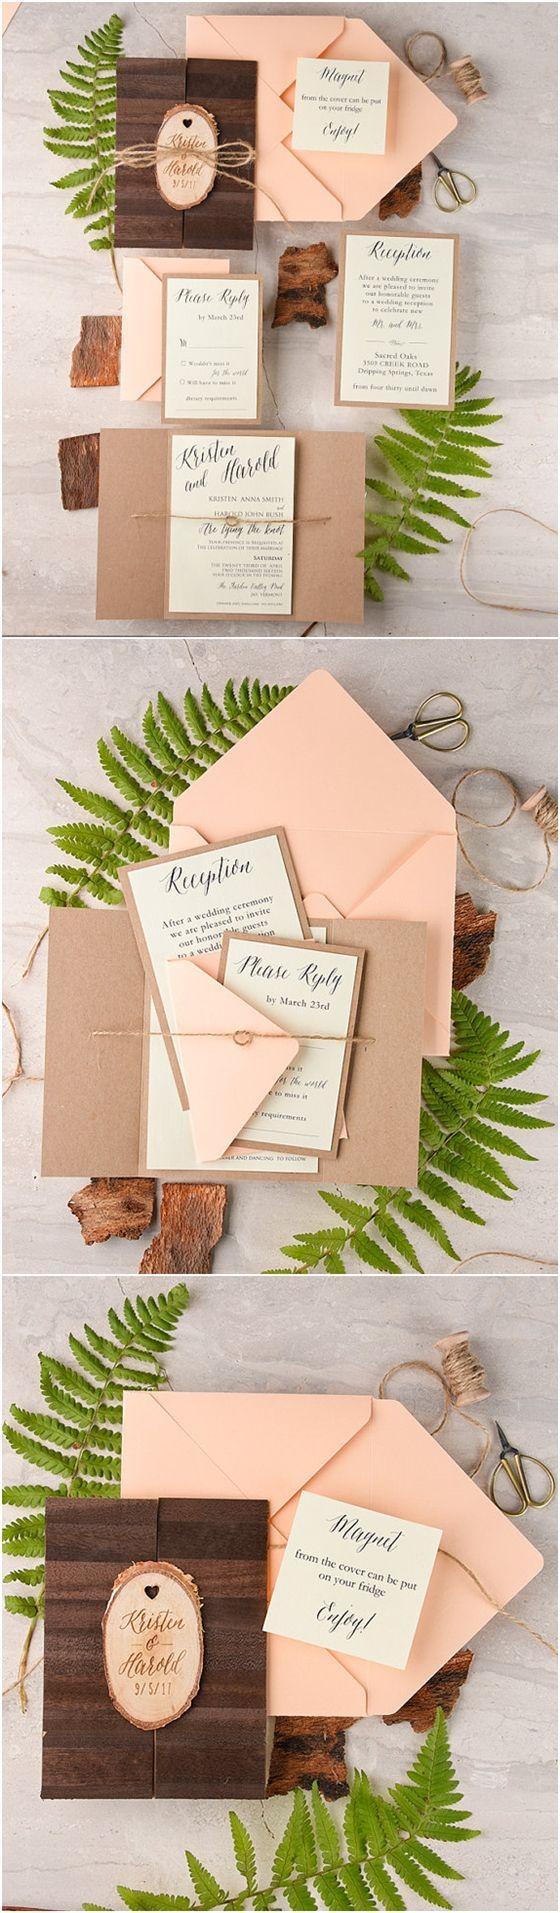 Real Wood Wedding Invitation Suite | Deer Pearl Flowers / http://www.deerpearlflowers.com/rustic-wedding-invitations/rustic-country-peach-and-pink-kraft-paper-wedding-invitations/